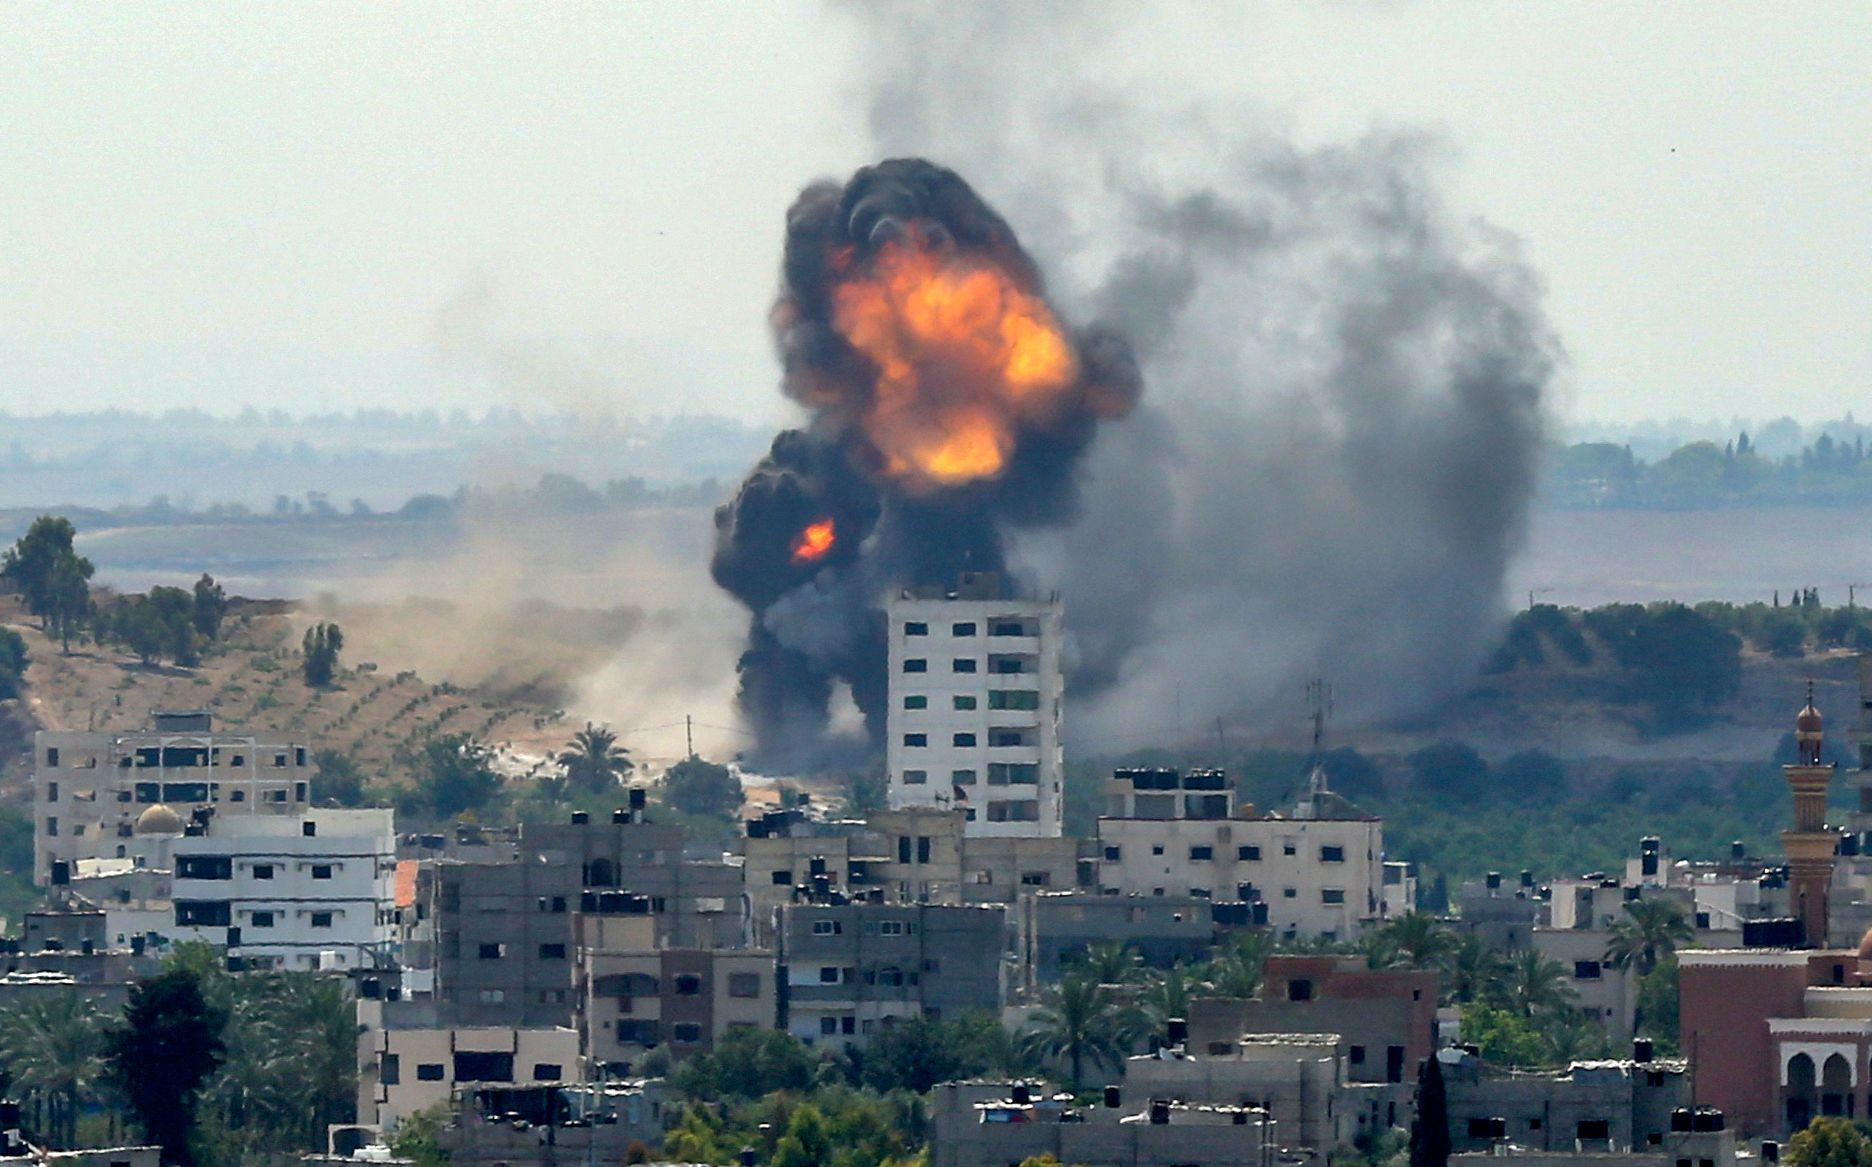 الحرب الإسرائيلية الرابعة على غزة.. هل تغيّرت قواعد الاشتباك؟